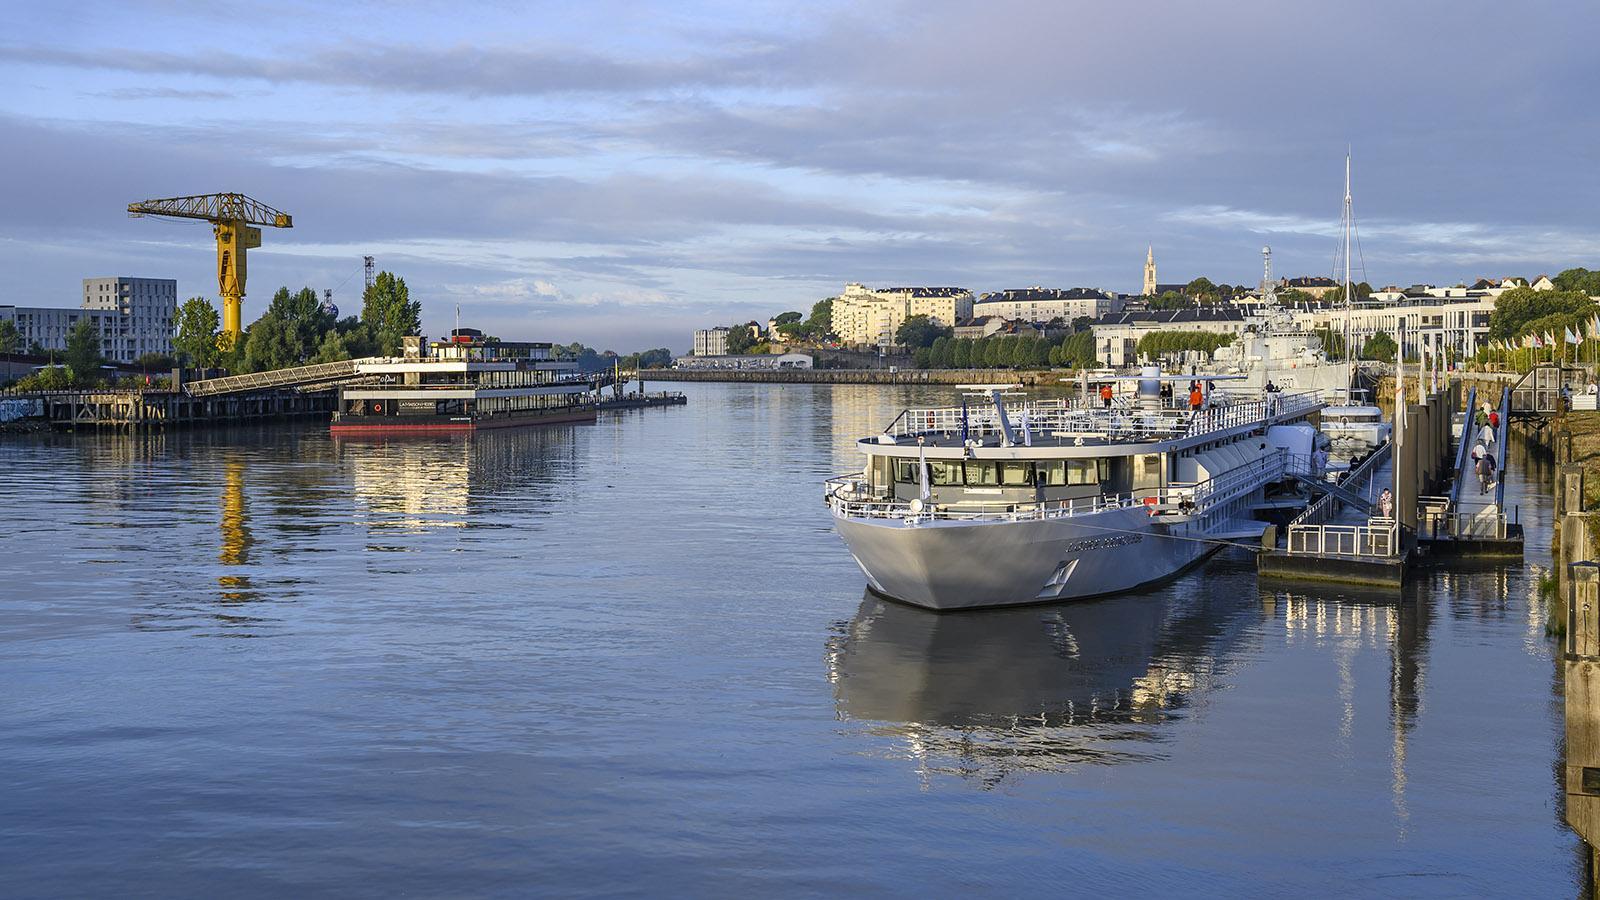 MS Loire PIncesse am Quai de la Fosse von Nantes. Foto: Hilke Maunder